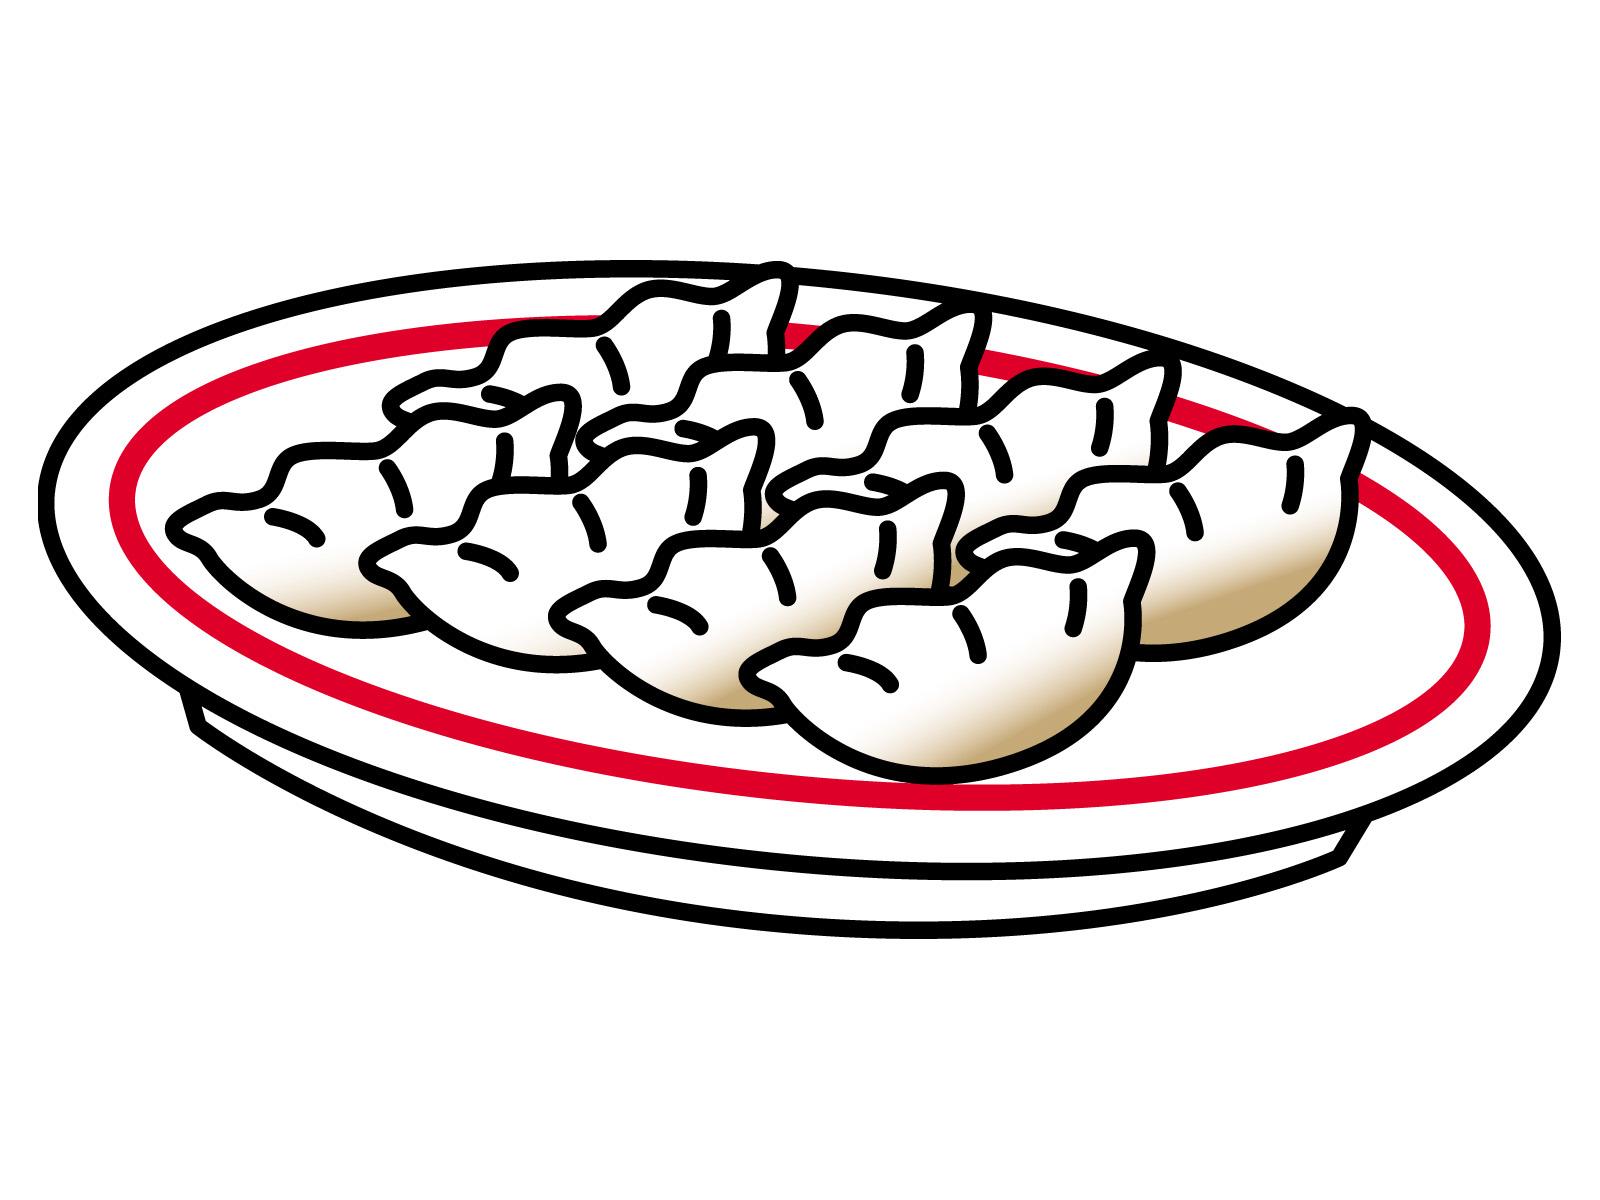 日本と中国の餃子の違い。中国には焼き餃子はない